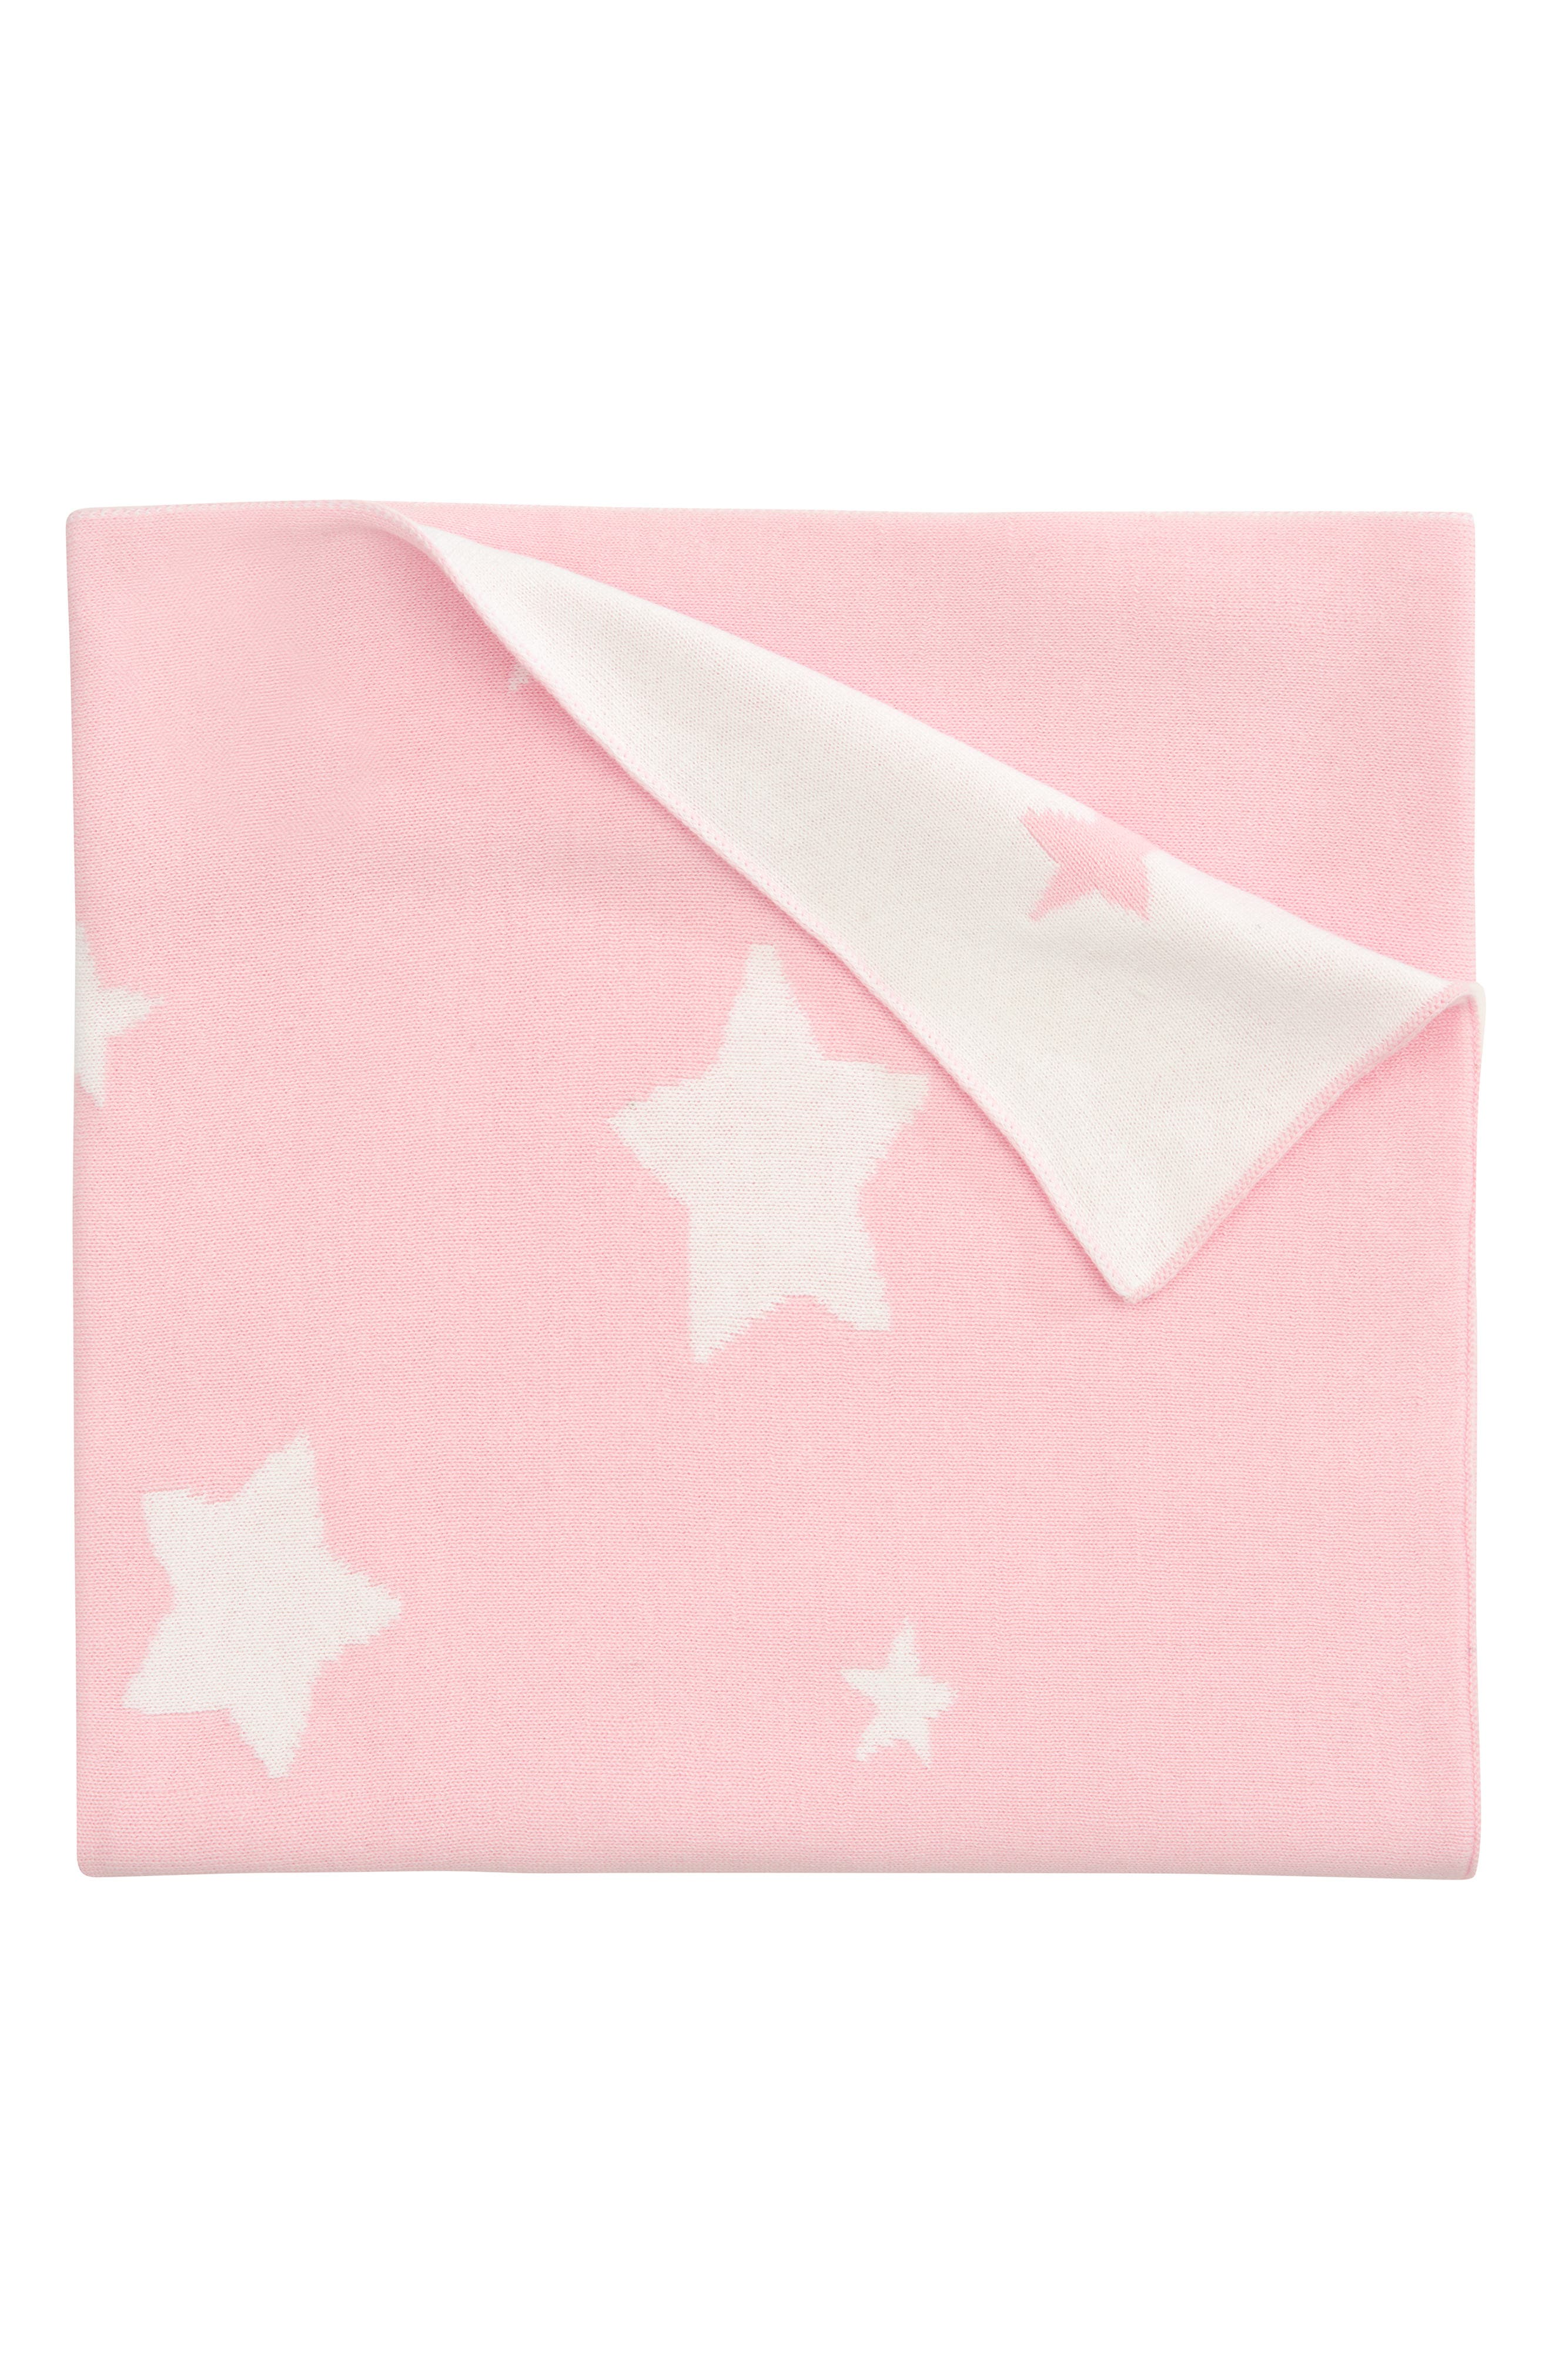 Elegant Baby 'Star' Knit Blanket